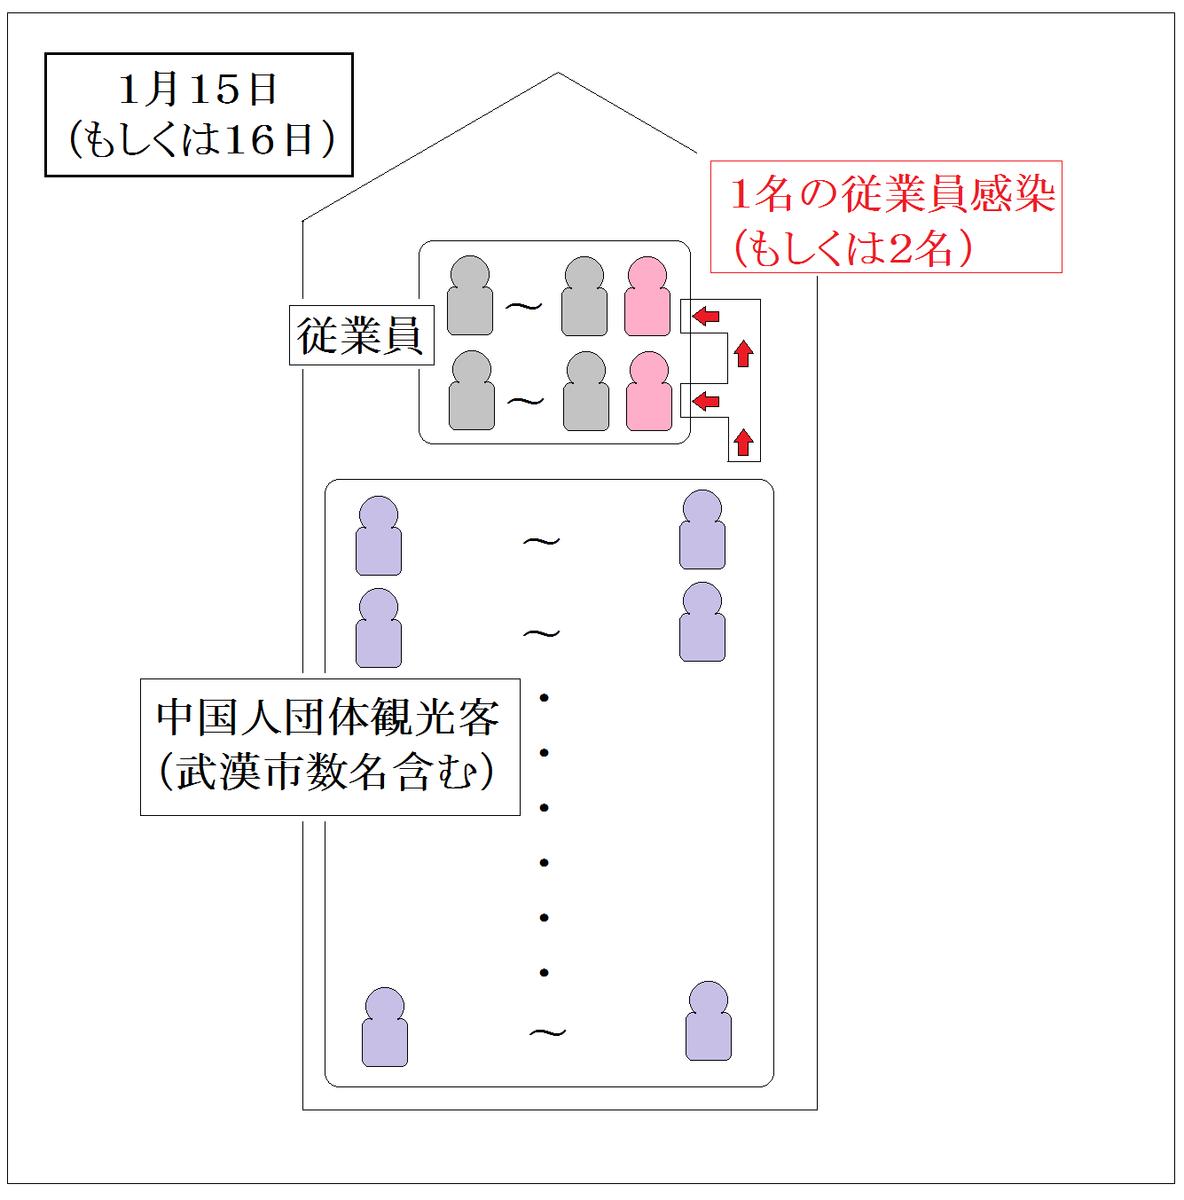 f:id:kibashiri:20200217104442p:plain